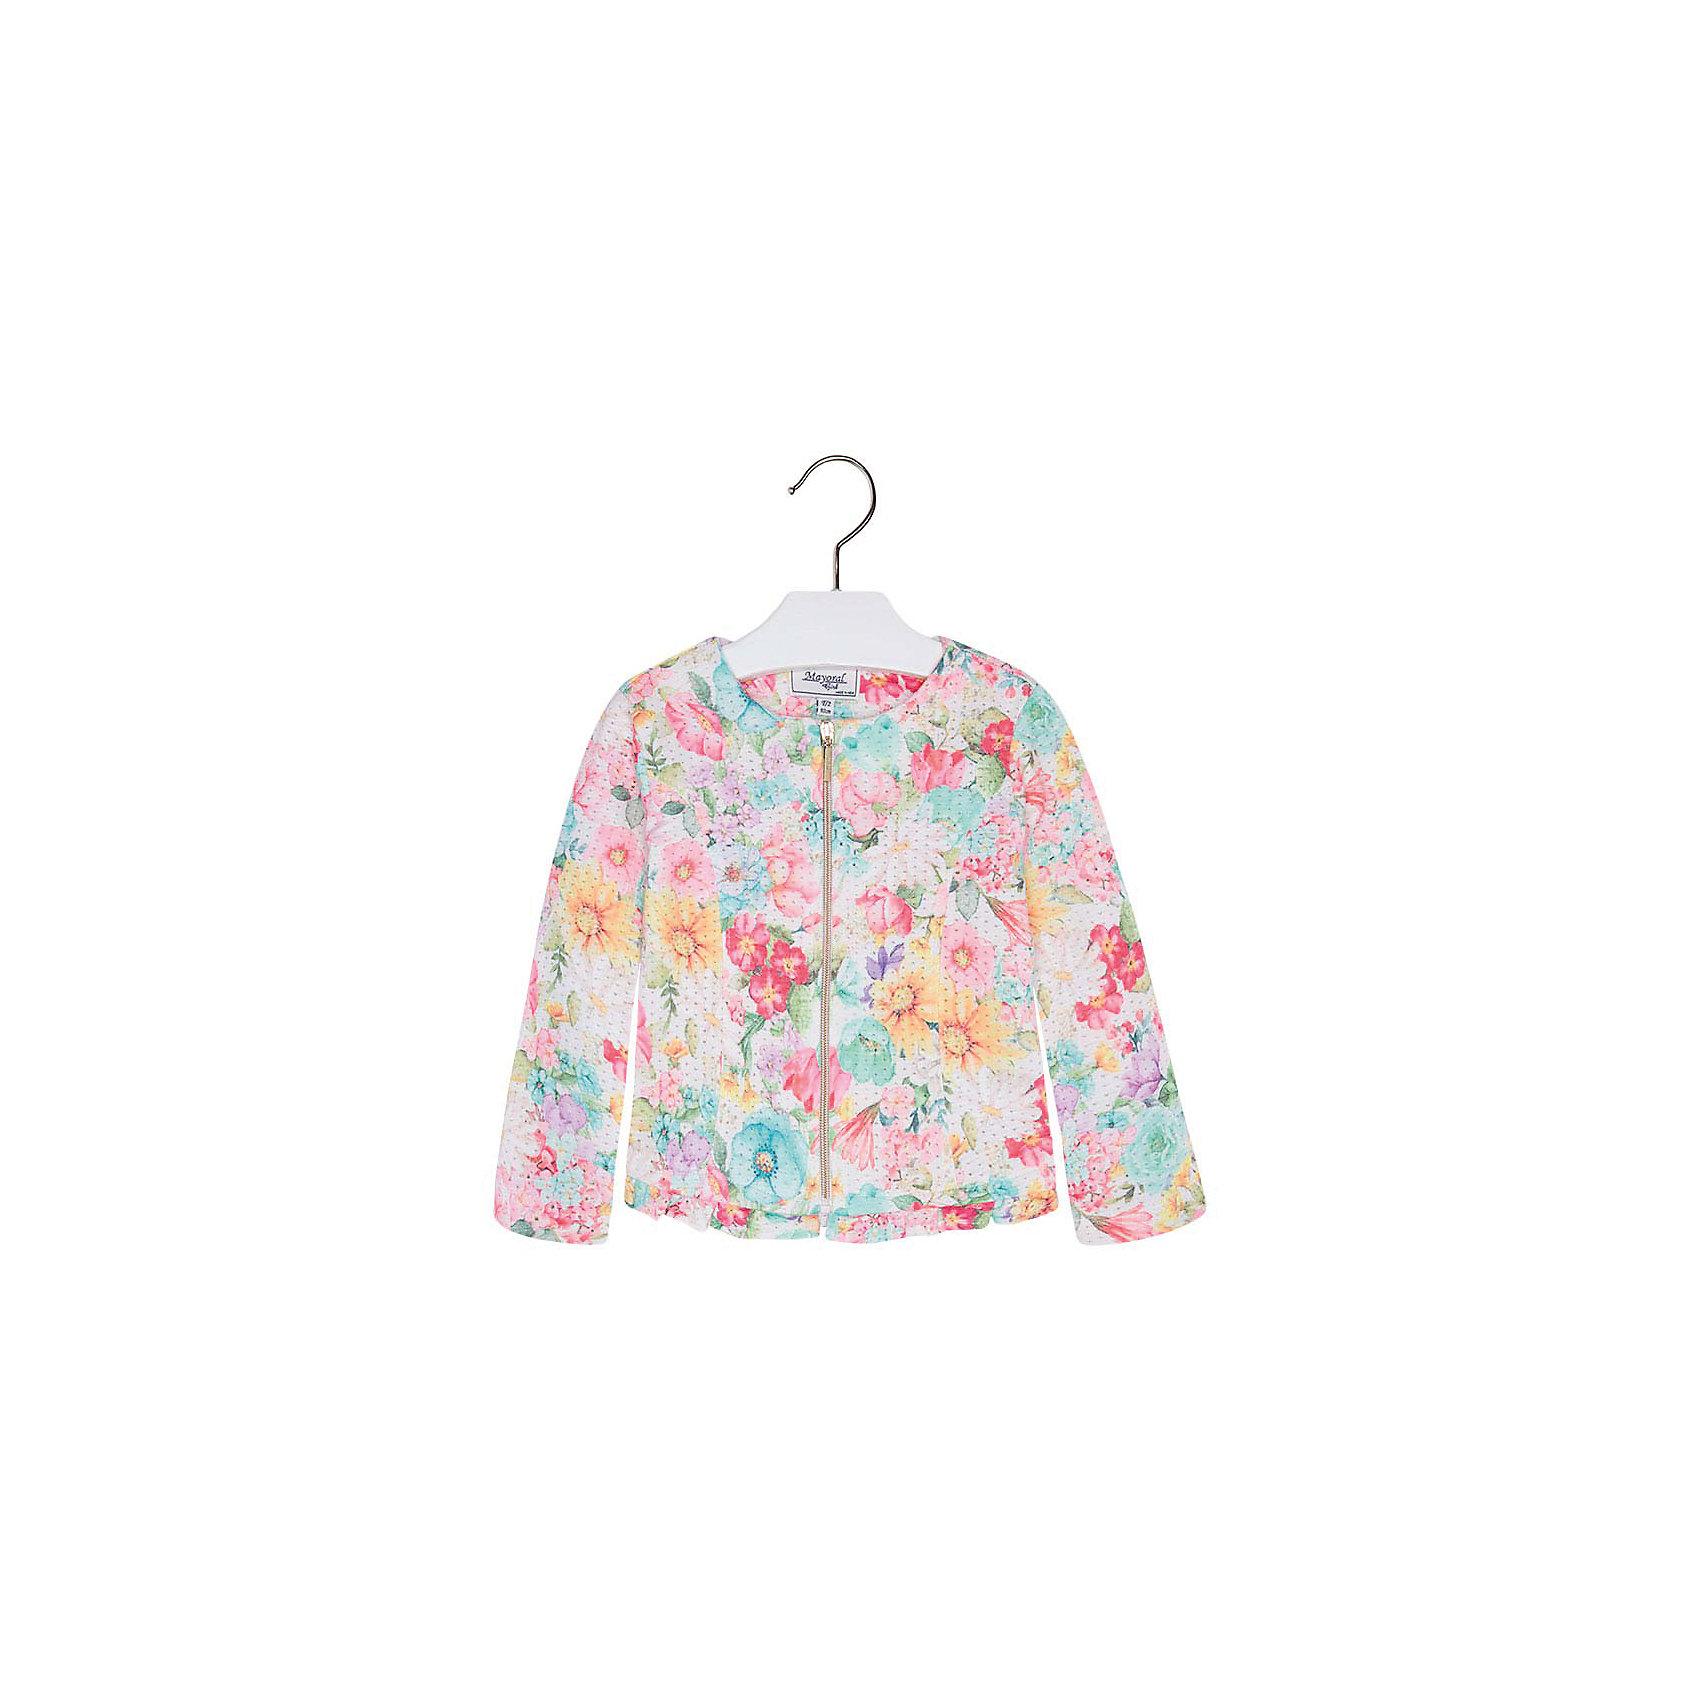 Куртка для девочки MayoralКуртка для девочки от известной испанской марки Mayoral <br><br>Красивая легкая куртка от Mayoral очень оригинально и стильно смотрится. Она прекрасно сочетается с различным низом.  Модель выполнена из качественных материалов, отлично садится по фигуре.<br><br>Особенности модели:<br><br>- цвет: разноцветный;<br>- рукава длинные;<br>- молния;<br>- круглый горловой вырез;<br>- отделка низа оборкой.<br><br>Дополнительная информация:<br><br>Состав: 65% полиэстер, 35% хлопок<br><br>Куртку для девочки Mayoral (Майорал) можно купить в нашем магазине.<br><br>Ширина мм: 356<br>Глубина мм: 10<br>Высота мм: 245<br>Вес г: 519<br>Цвет: голубой<br>Возраст от месяцев: 24<br>Возраст до месяцев: 36<br>Пол: Женский<br>Возраст: Детский<br>Размер: 128,122,110,104,116,134,98<br>SKU: 4542226